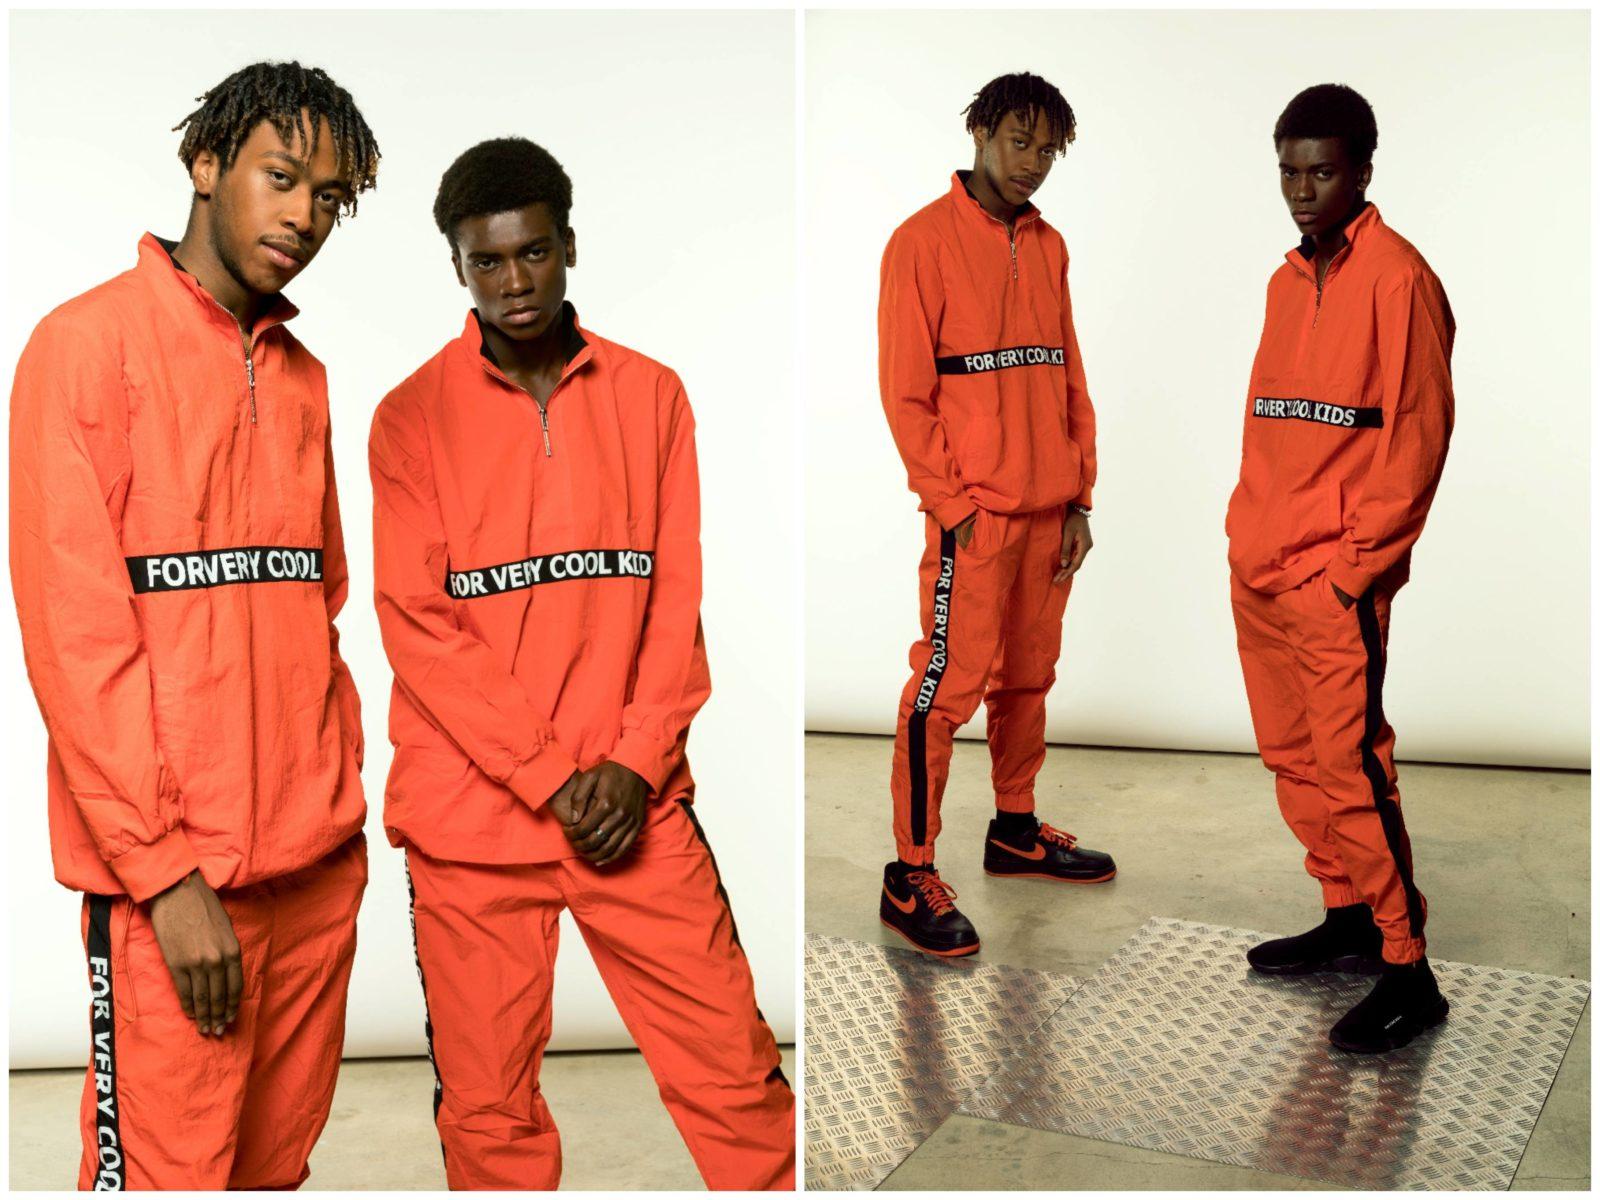 """For Very Cool Kids streetwear france paris marque rentre lookbook culture 12 - Le streetwear """"à la française"""" : 5 nouvelles marques à chiner sans traîner"""